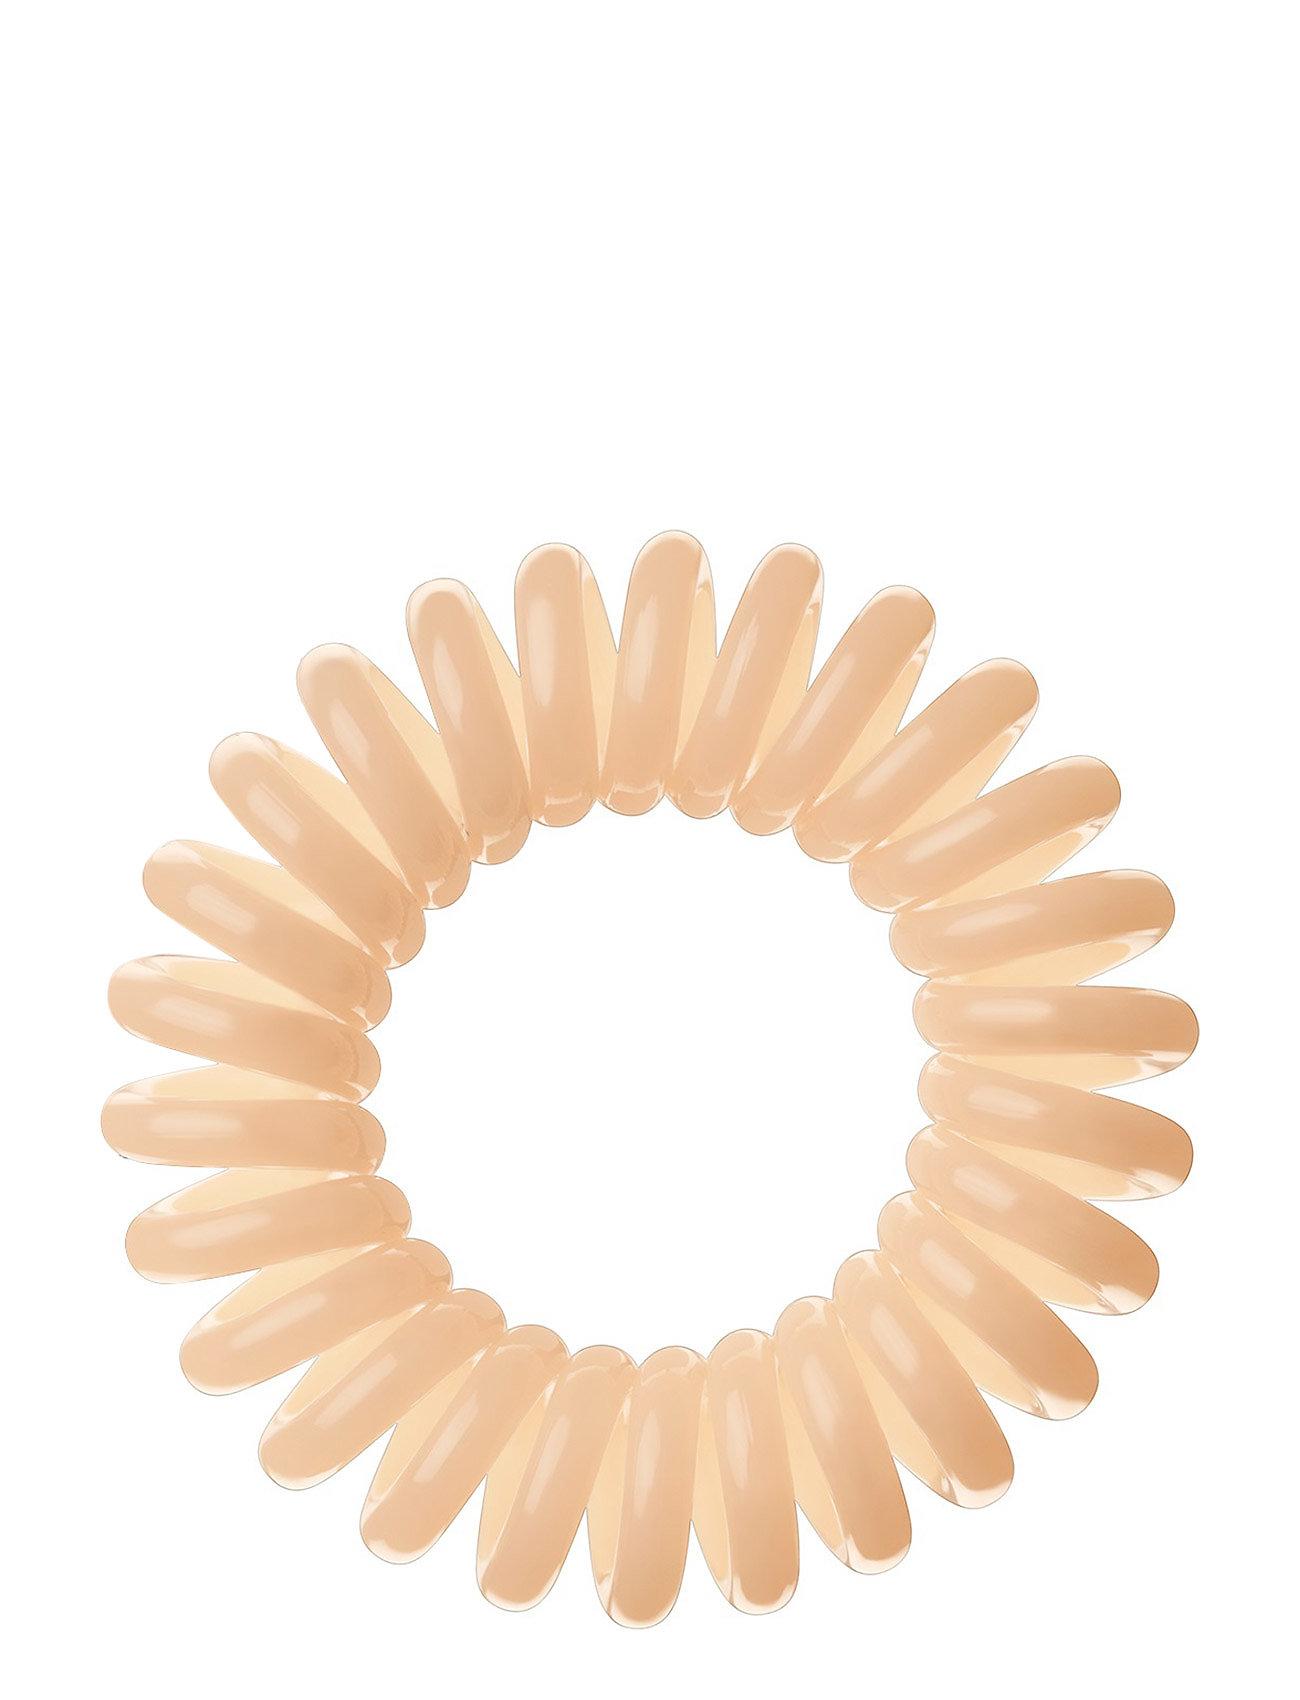 Image of Invisibobble Original To Be Or Nude To Be Accessories Hair Accessories Hair Accessories Nude Invisibobble (3308586399)